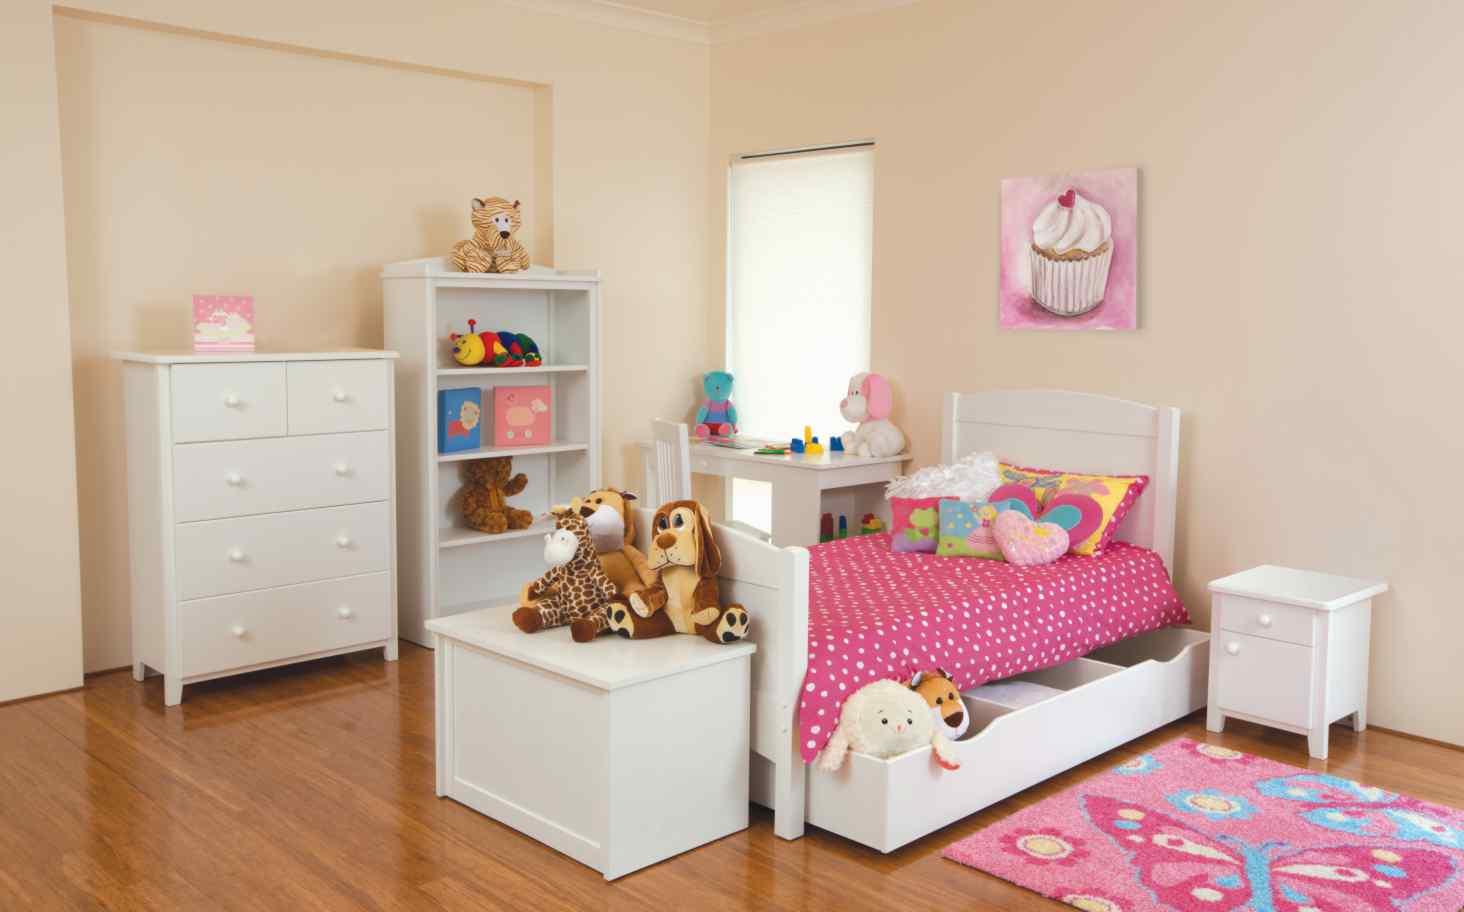 bedroom furniture for kids room photo - 4